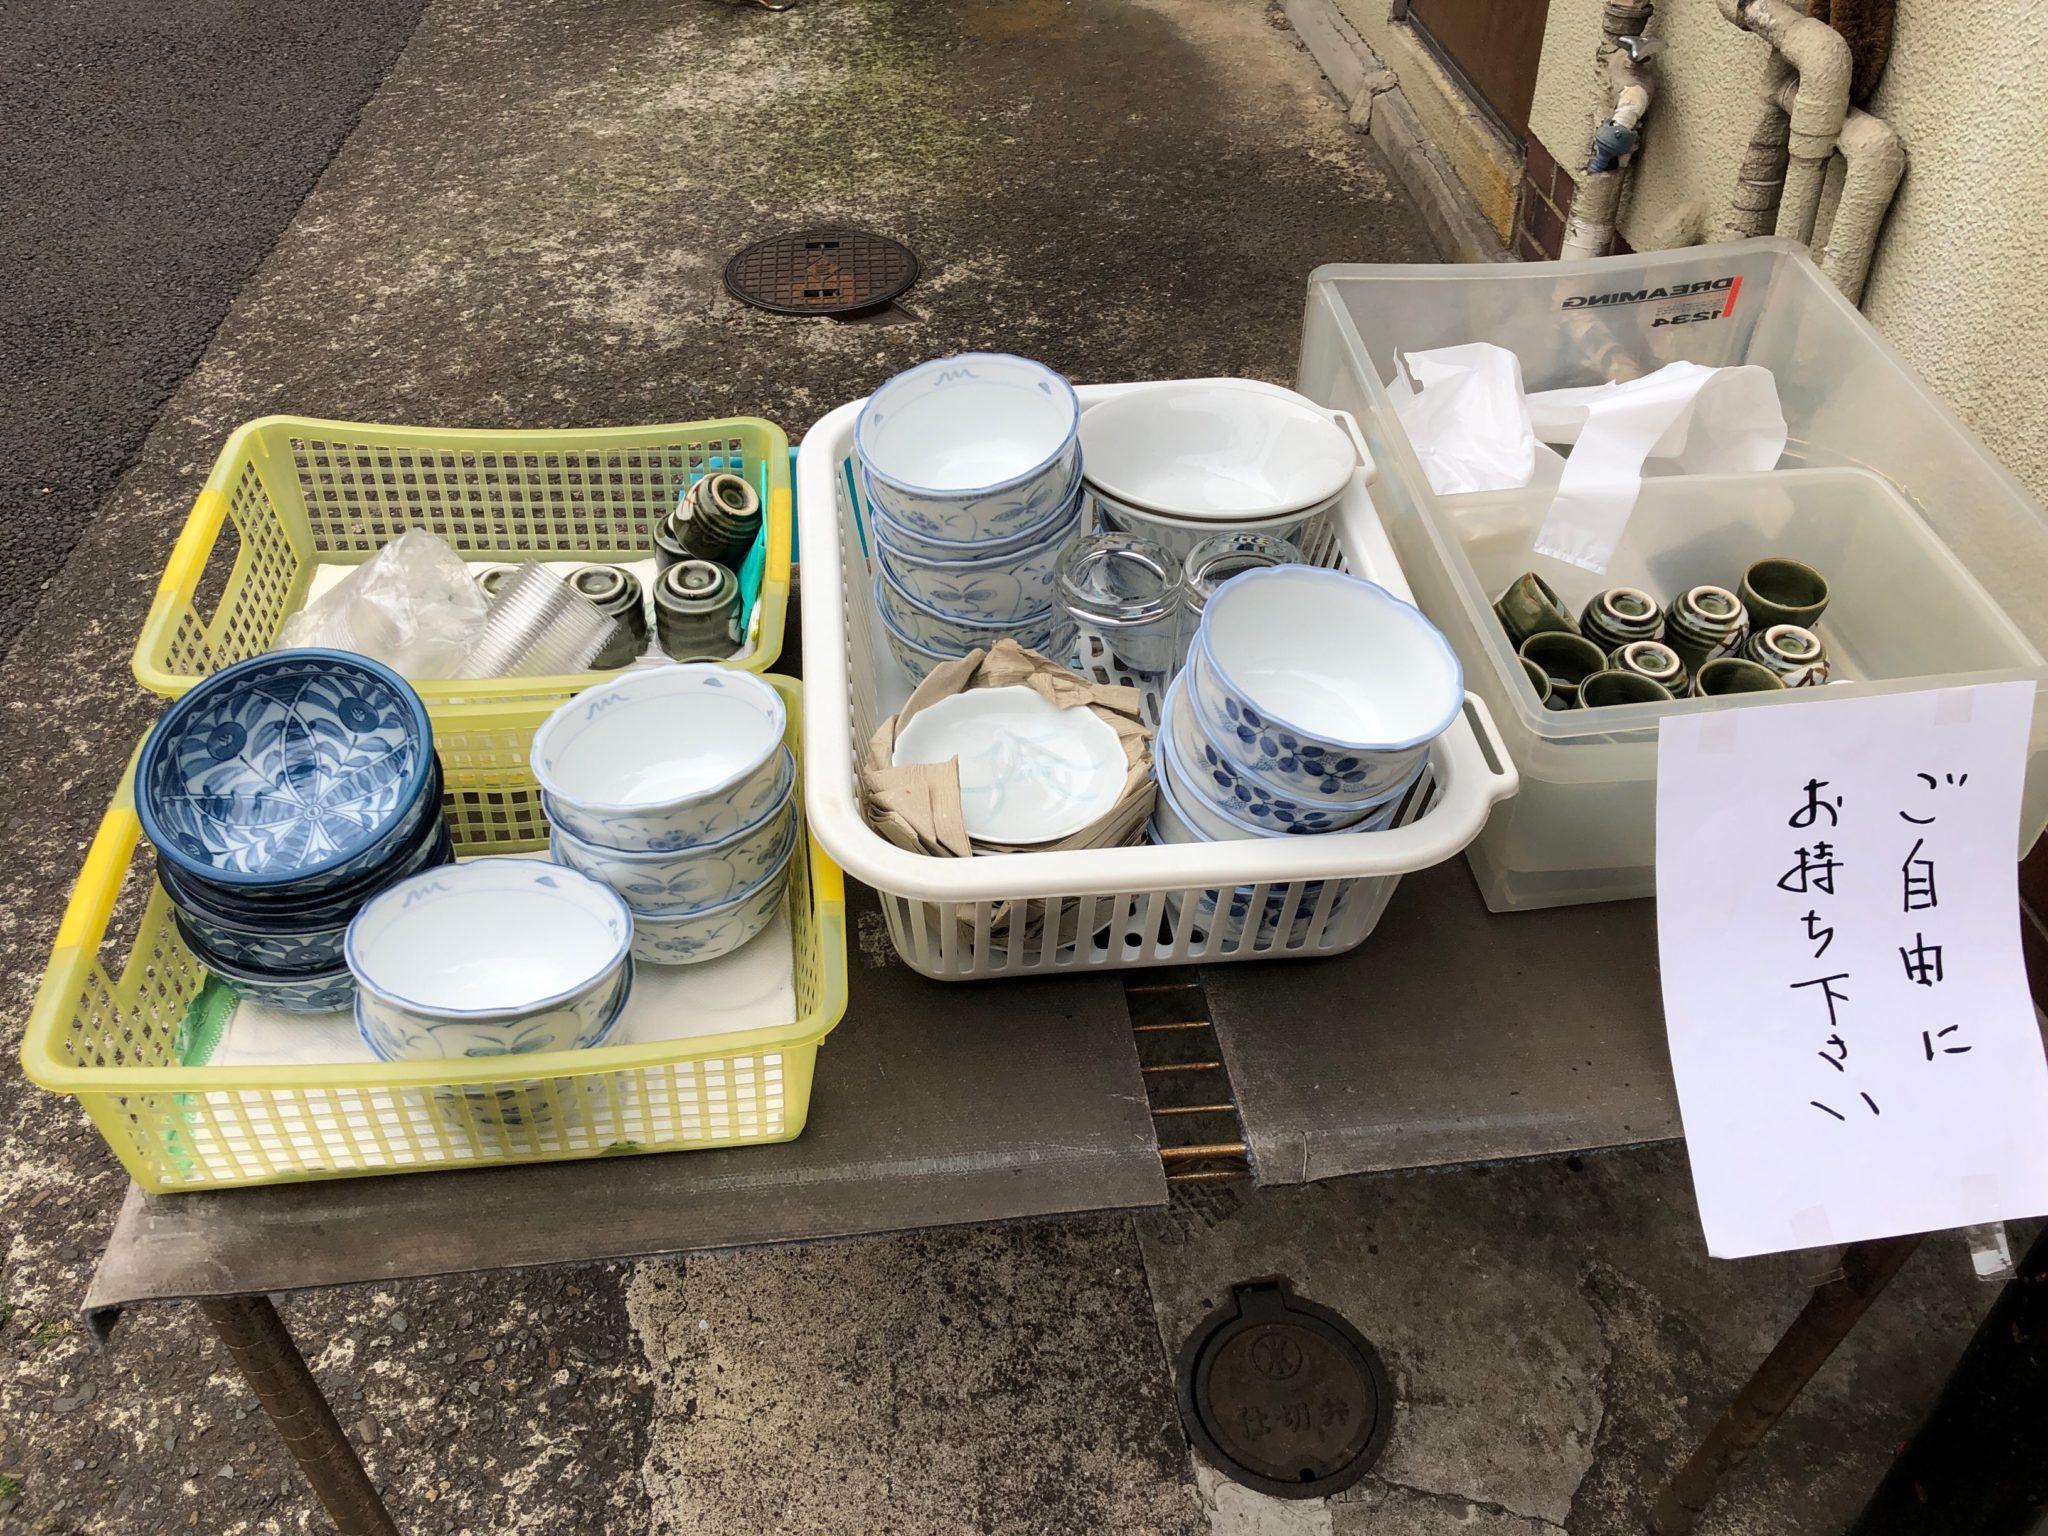 経堂の寿恵川の食器